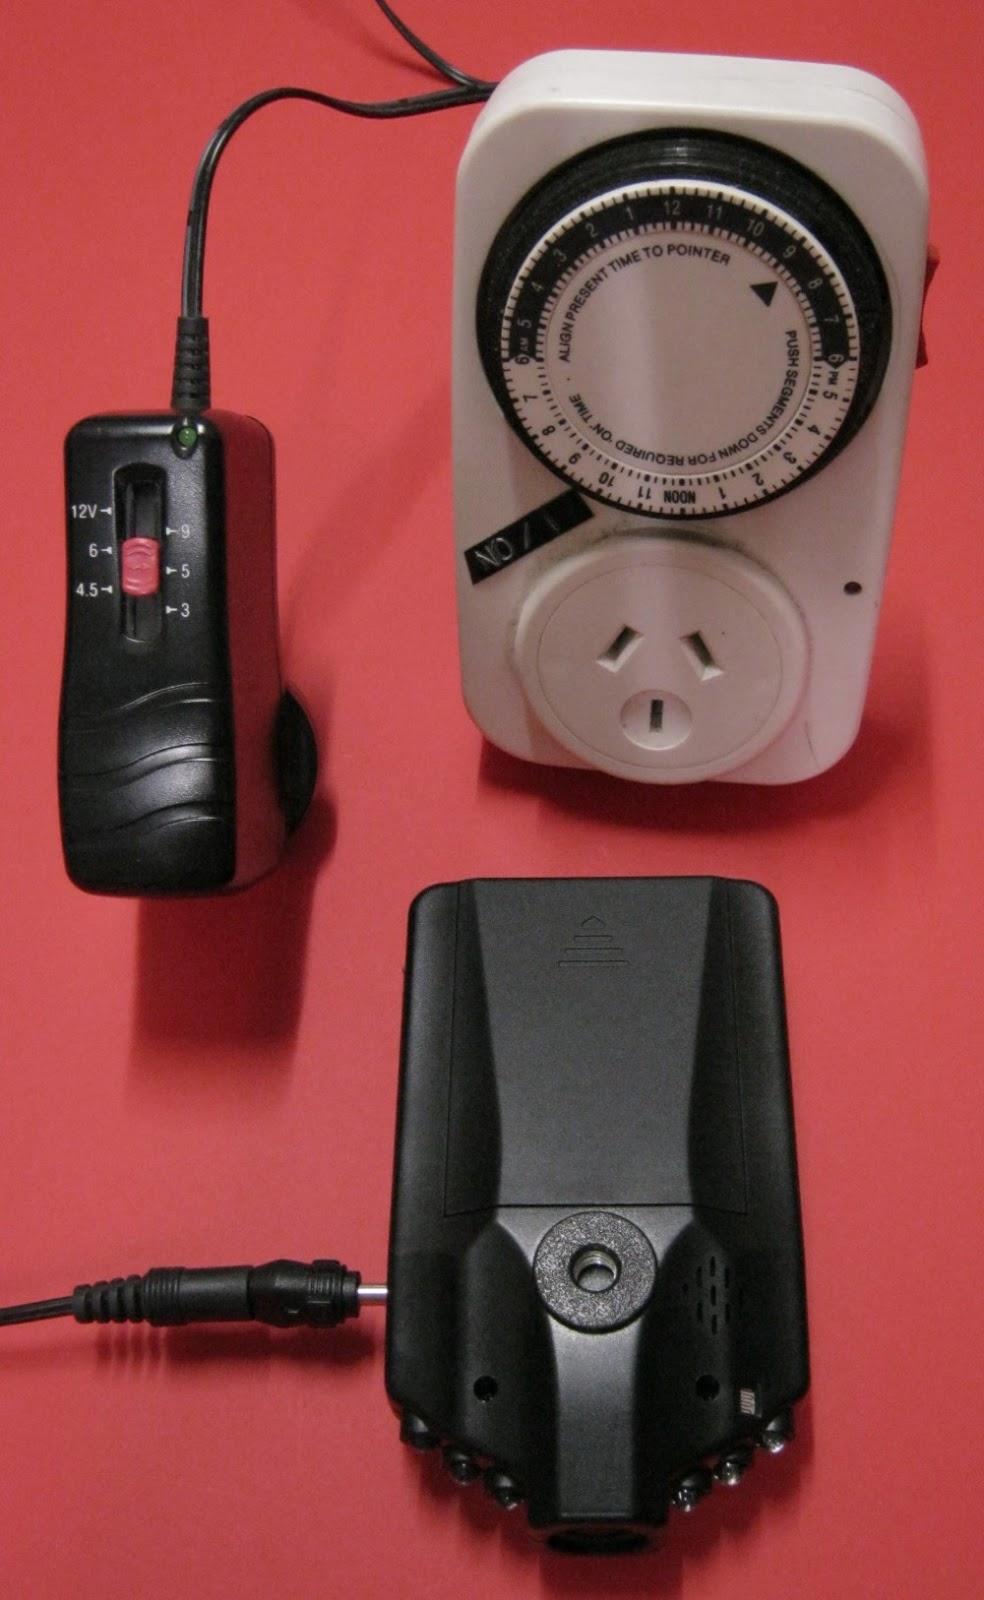 Grant Trebbin: Turning a Dash Cam into a Surveillance Camera